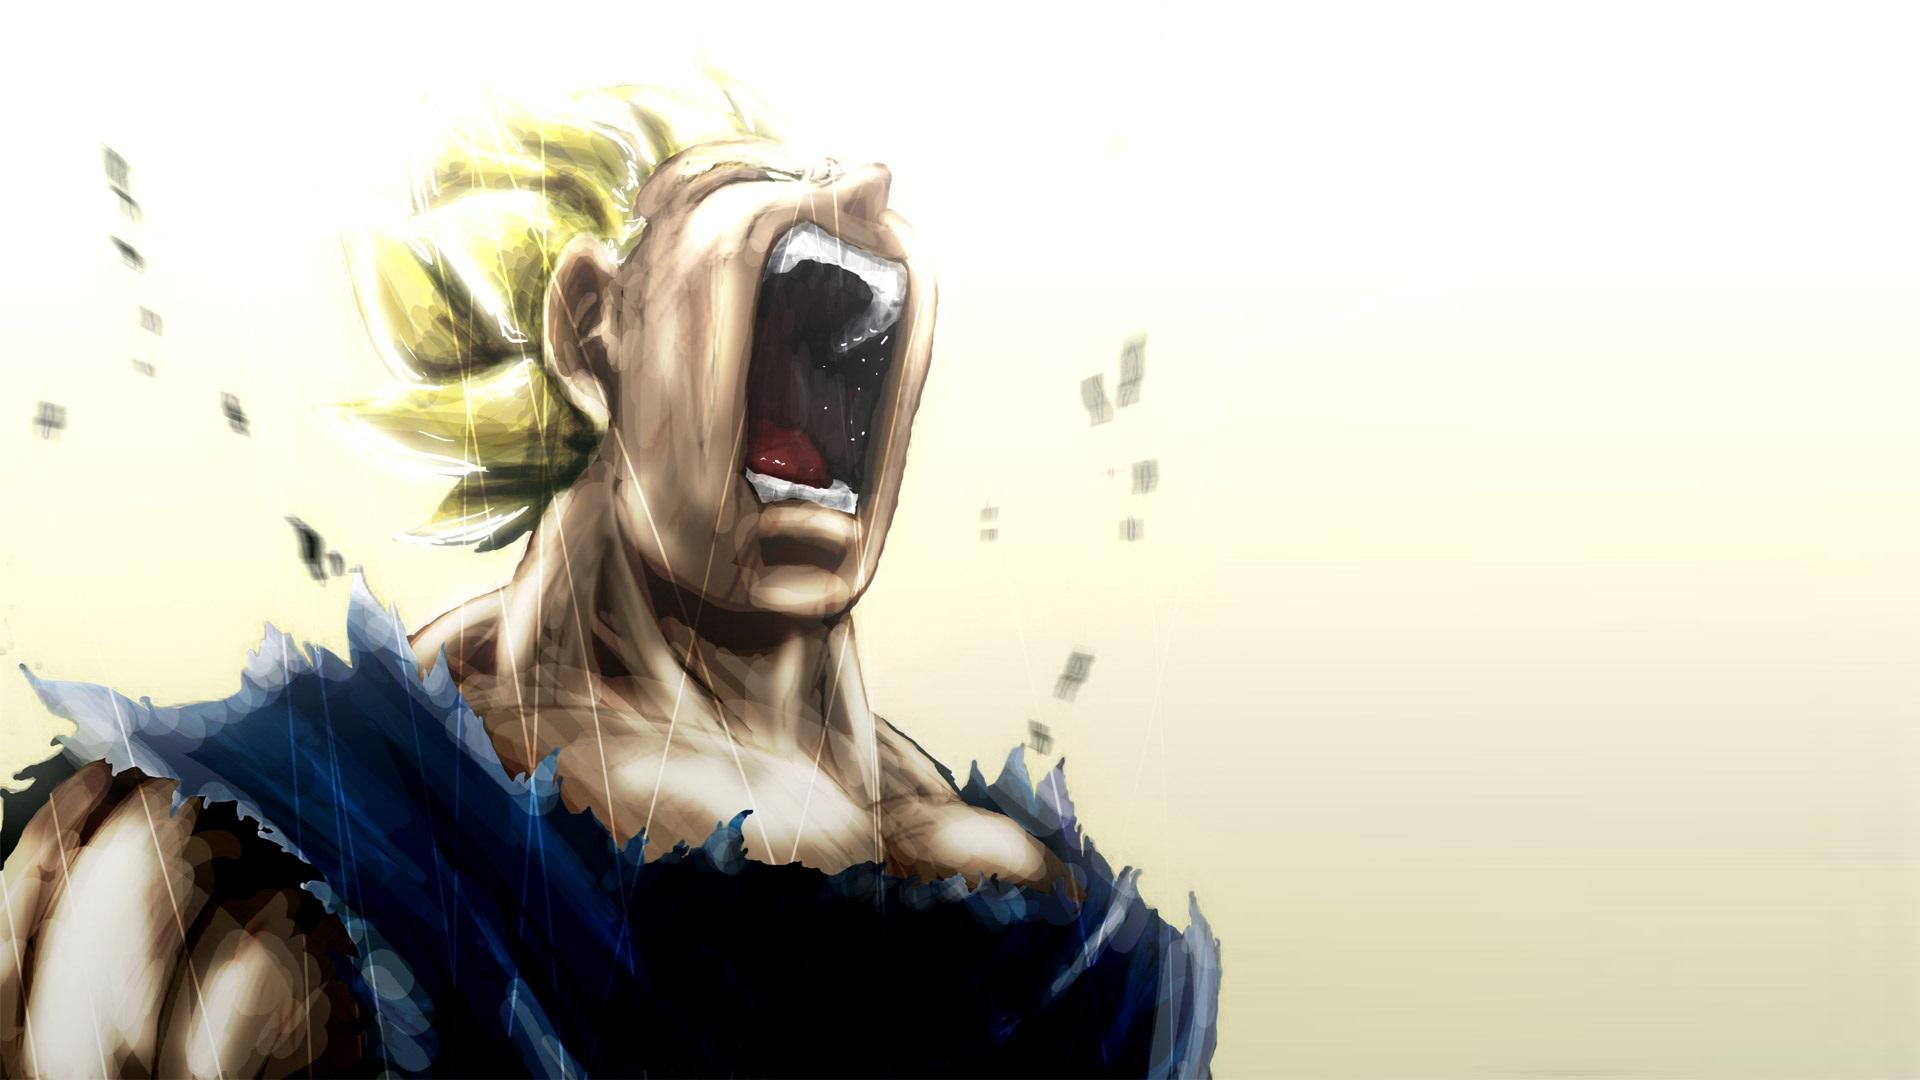 Goku vs cell kamehameha latino dating 7